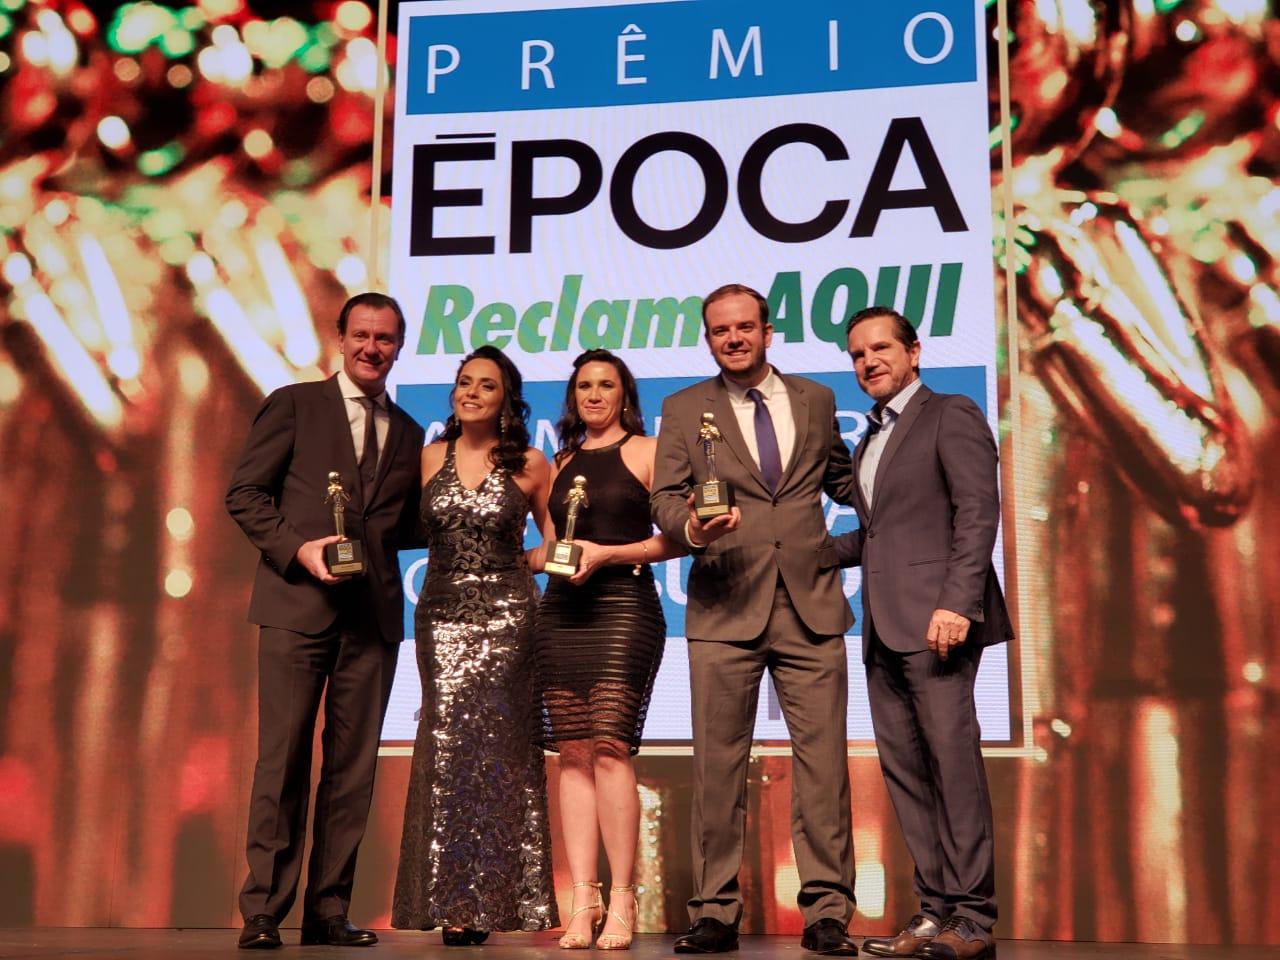 Prêmio Época Reclame Aqui